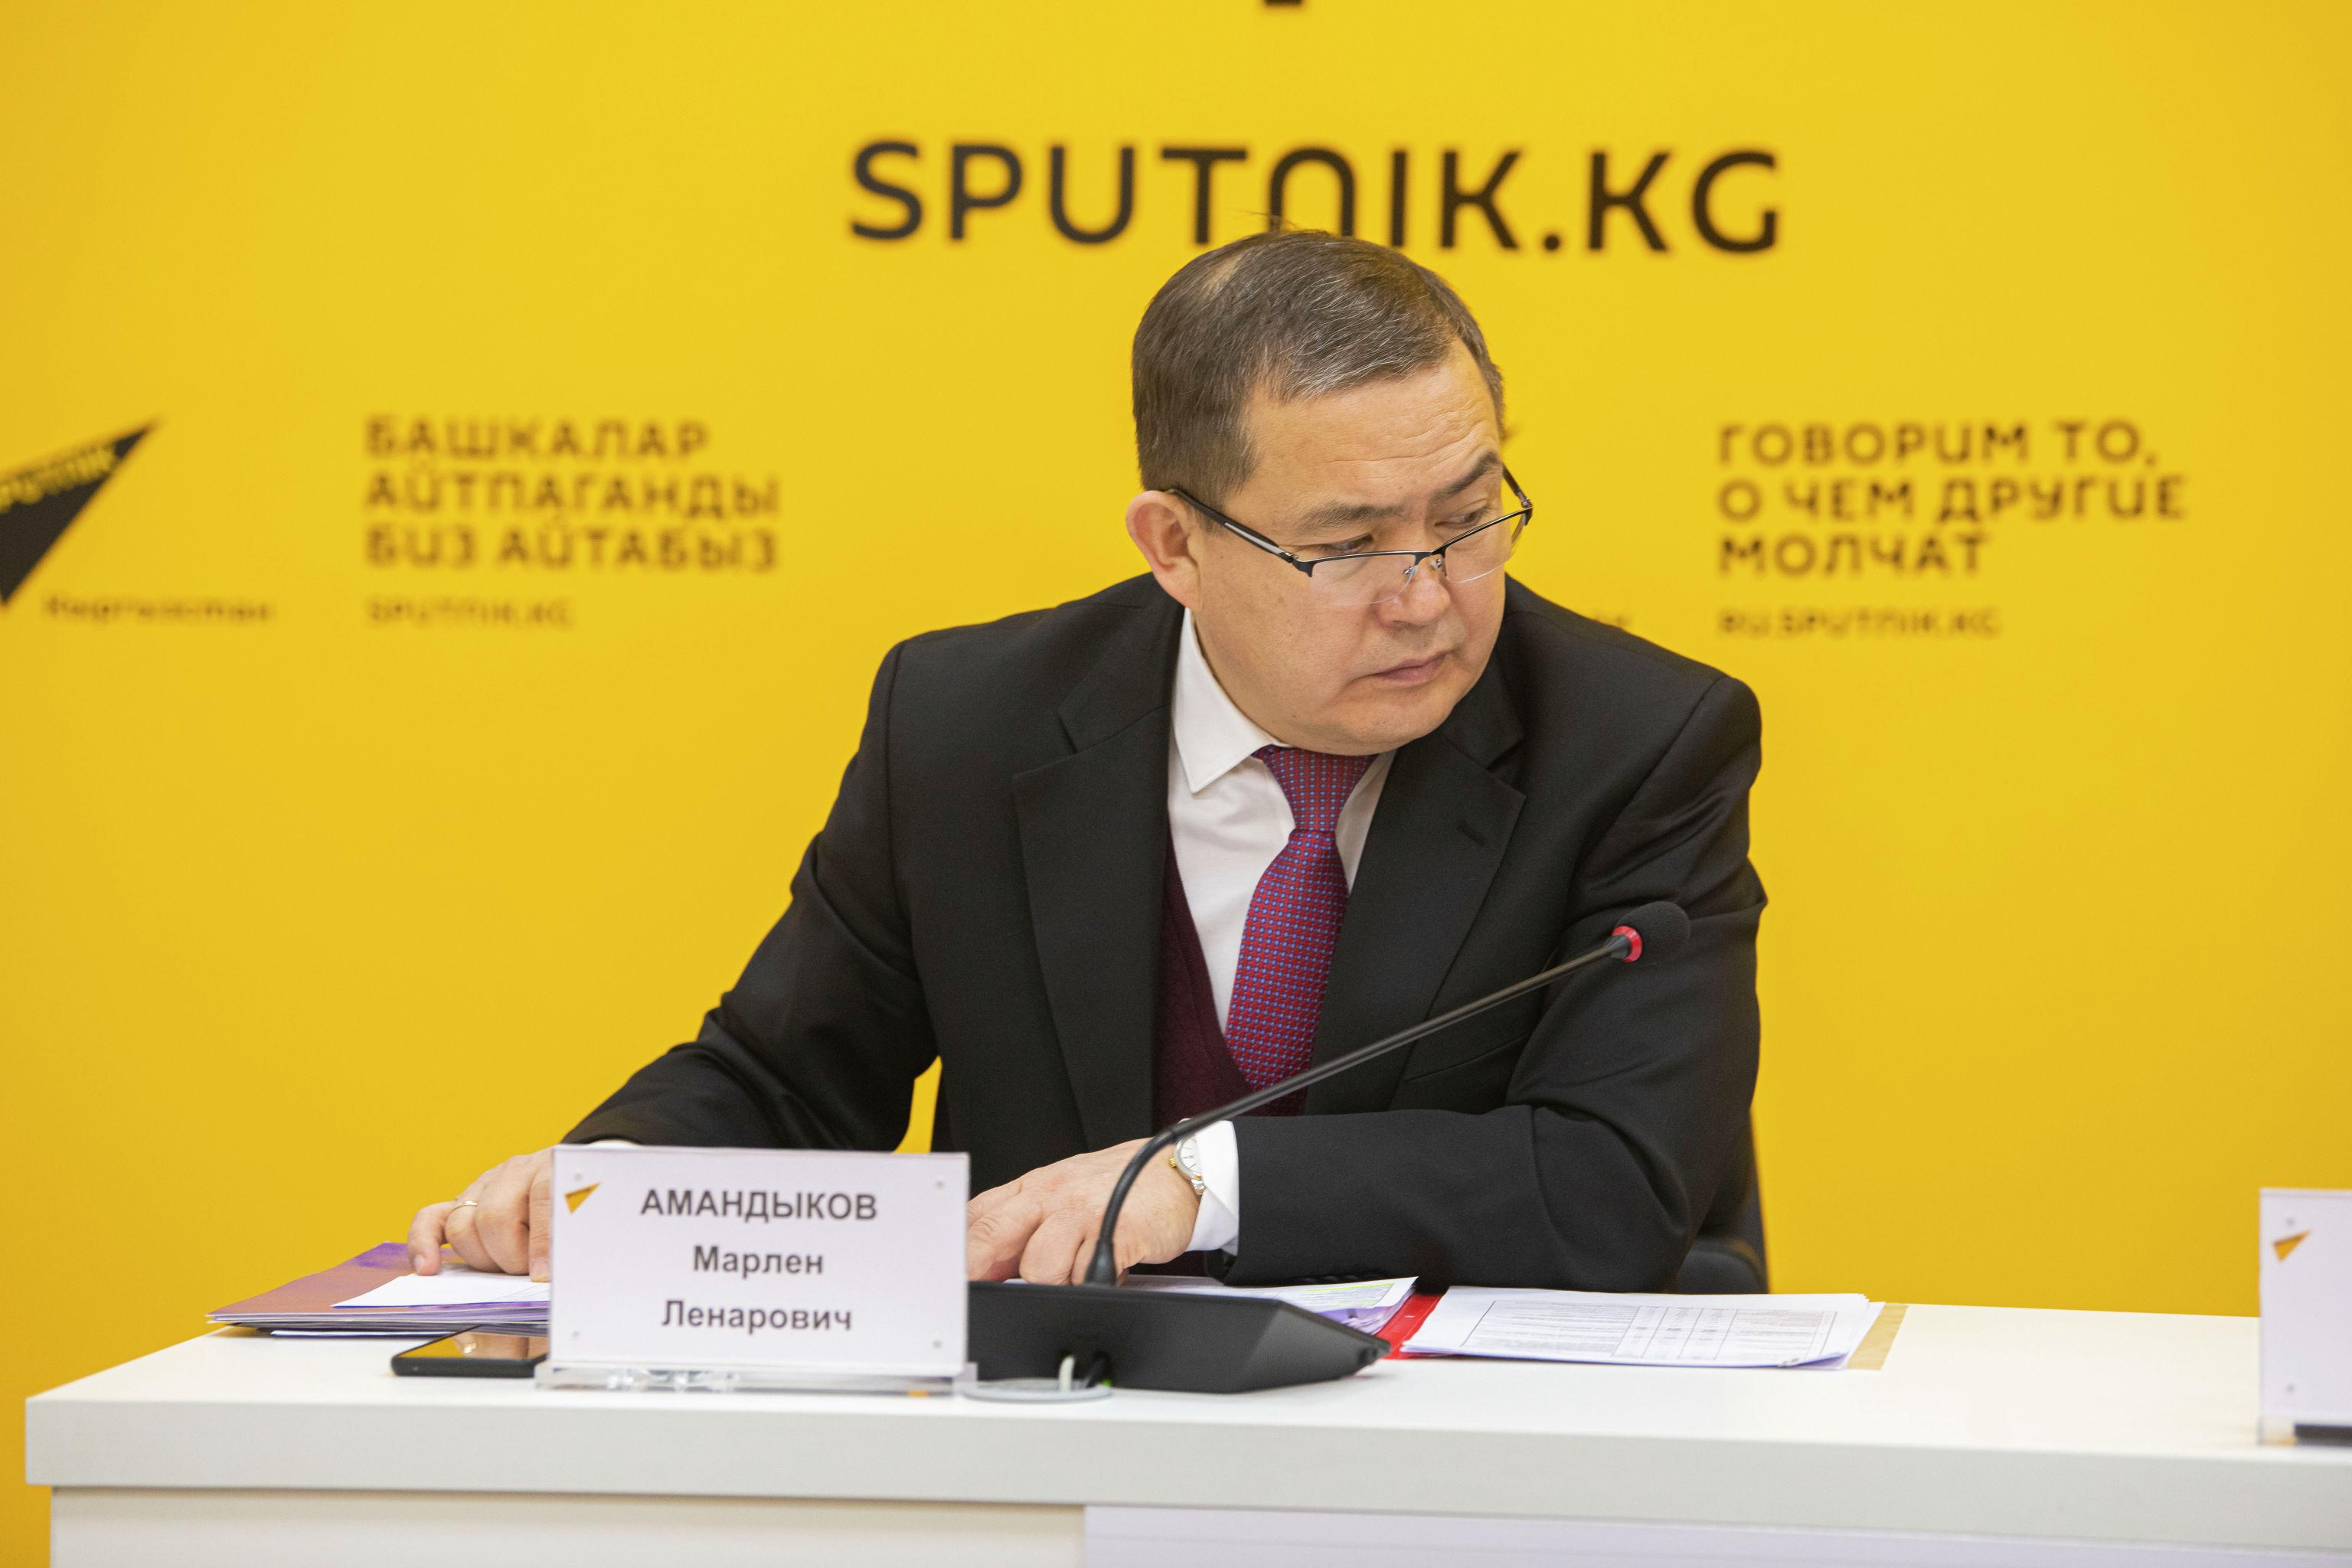 Заместитель министра и директор центрального казначейства Марлен Амандыков на брифинге в пресс-центре Sputnik Кыргызстан